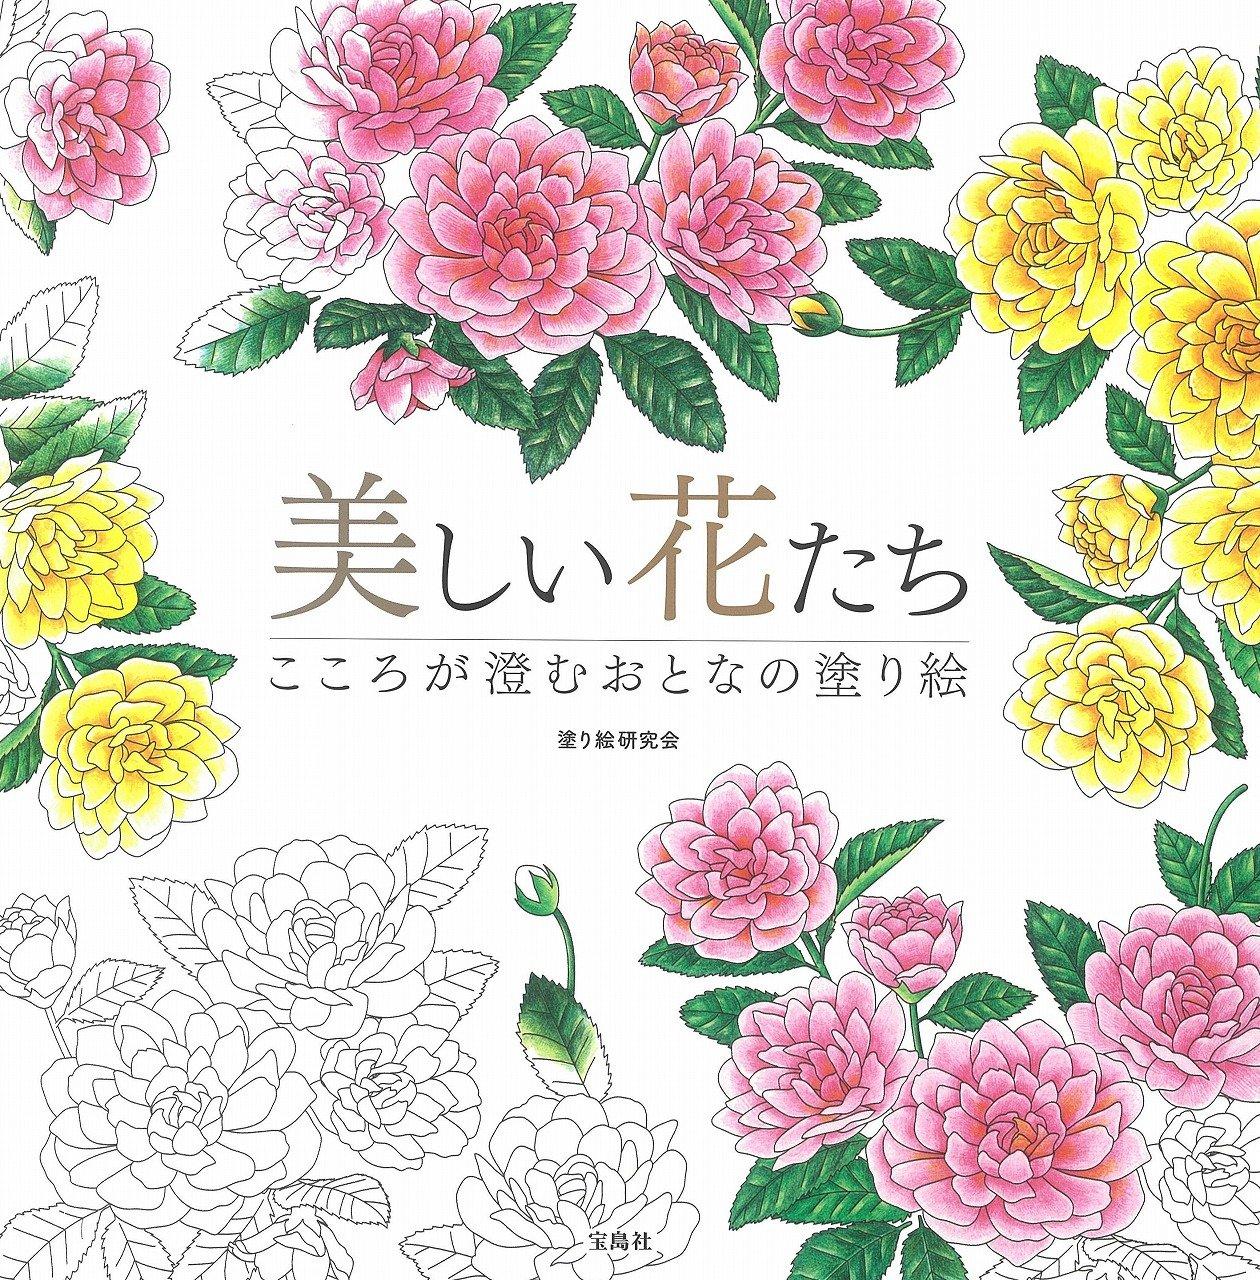 美しい花たち こころが澄むおとなの塗り絵 塗り絵研究会 本 通販